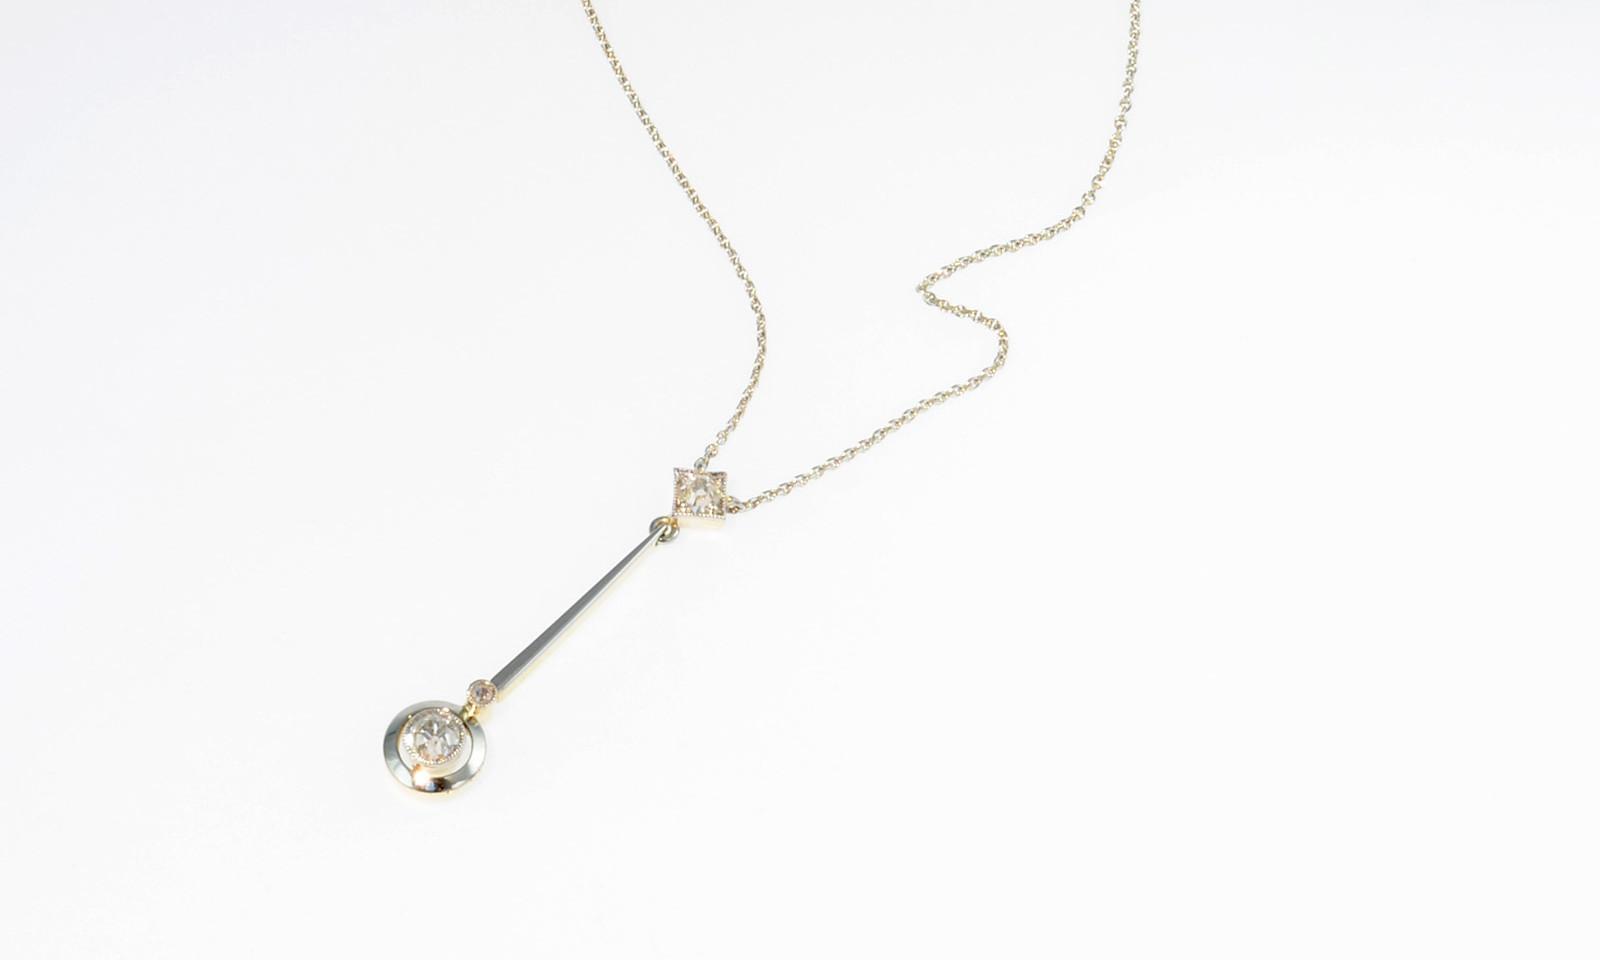 Anhaenger Art Deco Diamant. Anhänger Art Déco, Platin auf Gelbgold mit Diamanten, Kette Weissgold 750, CHF 1850.-